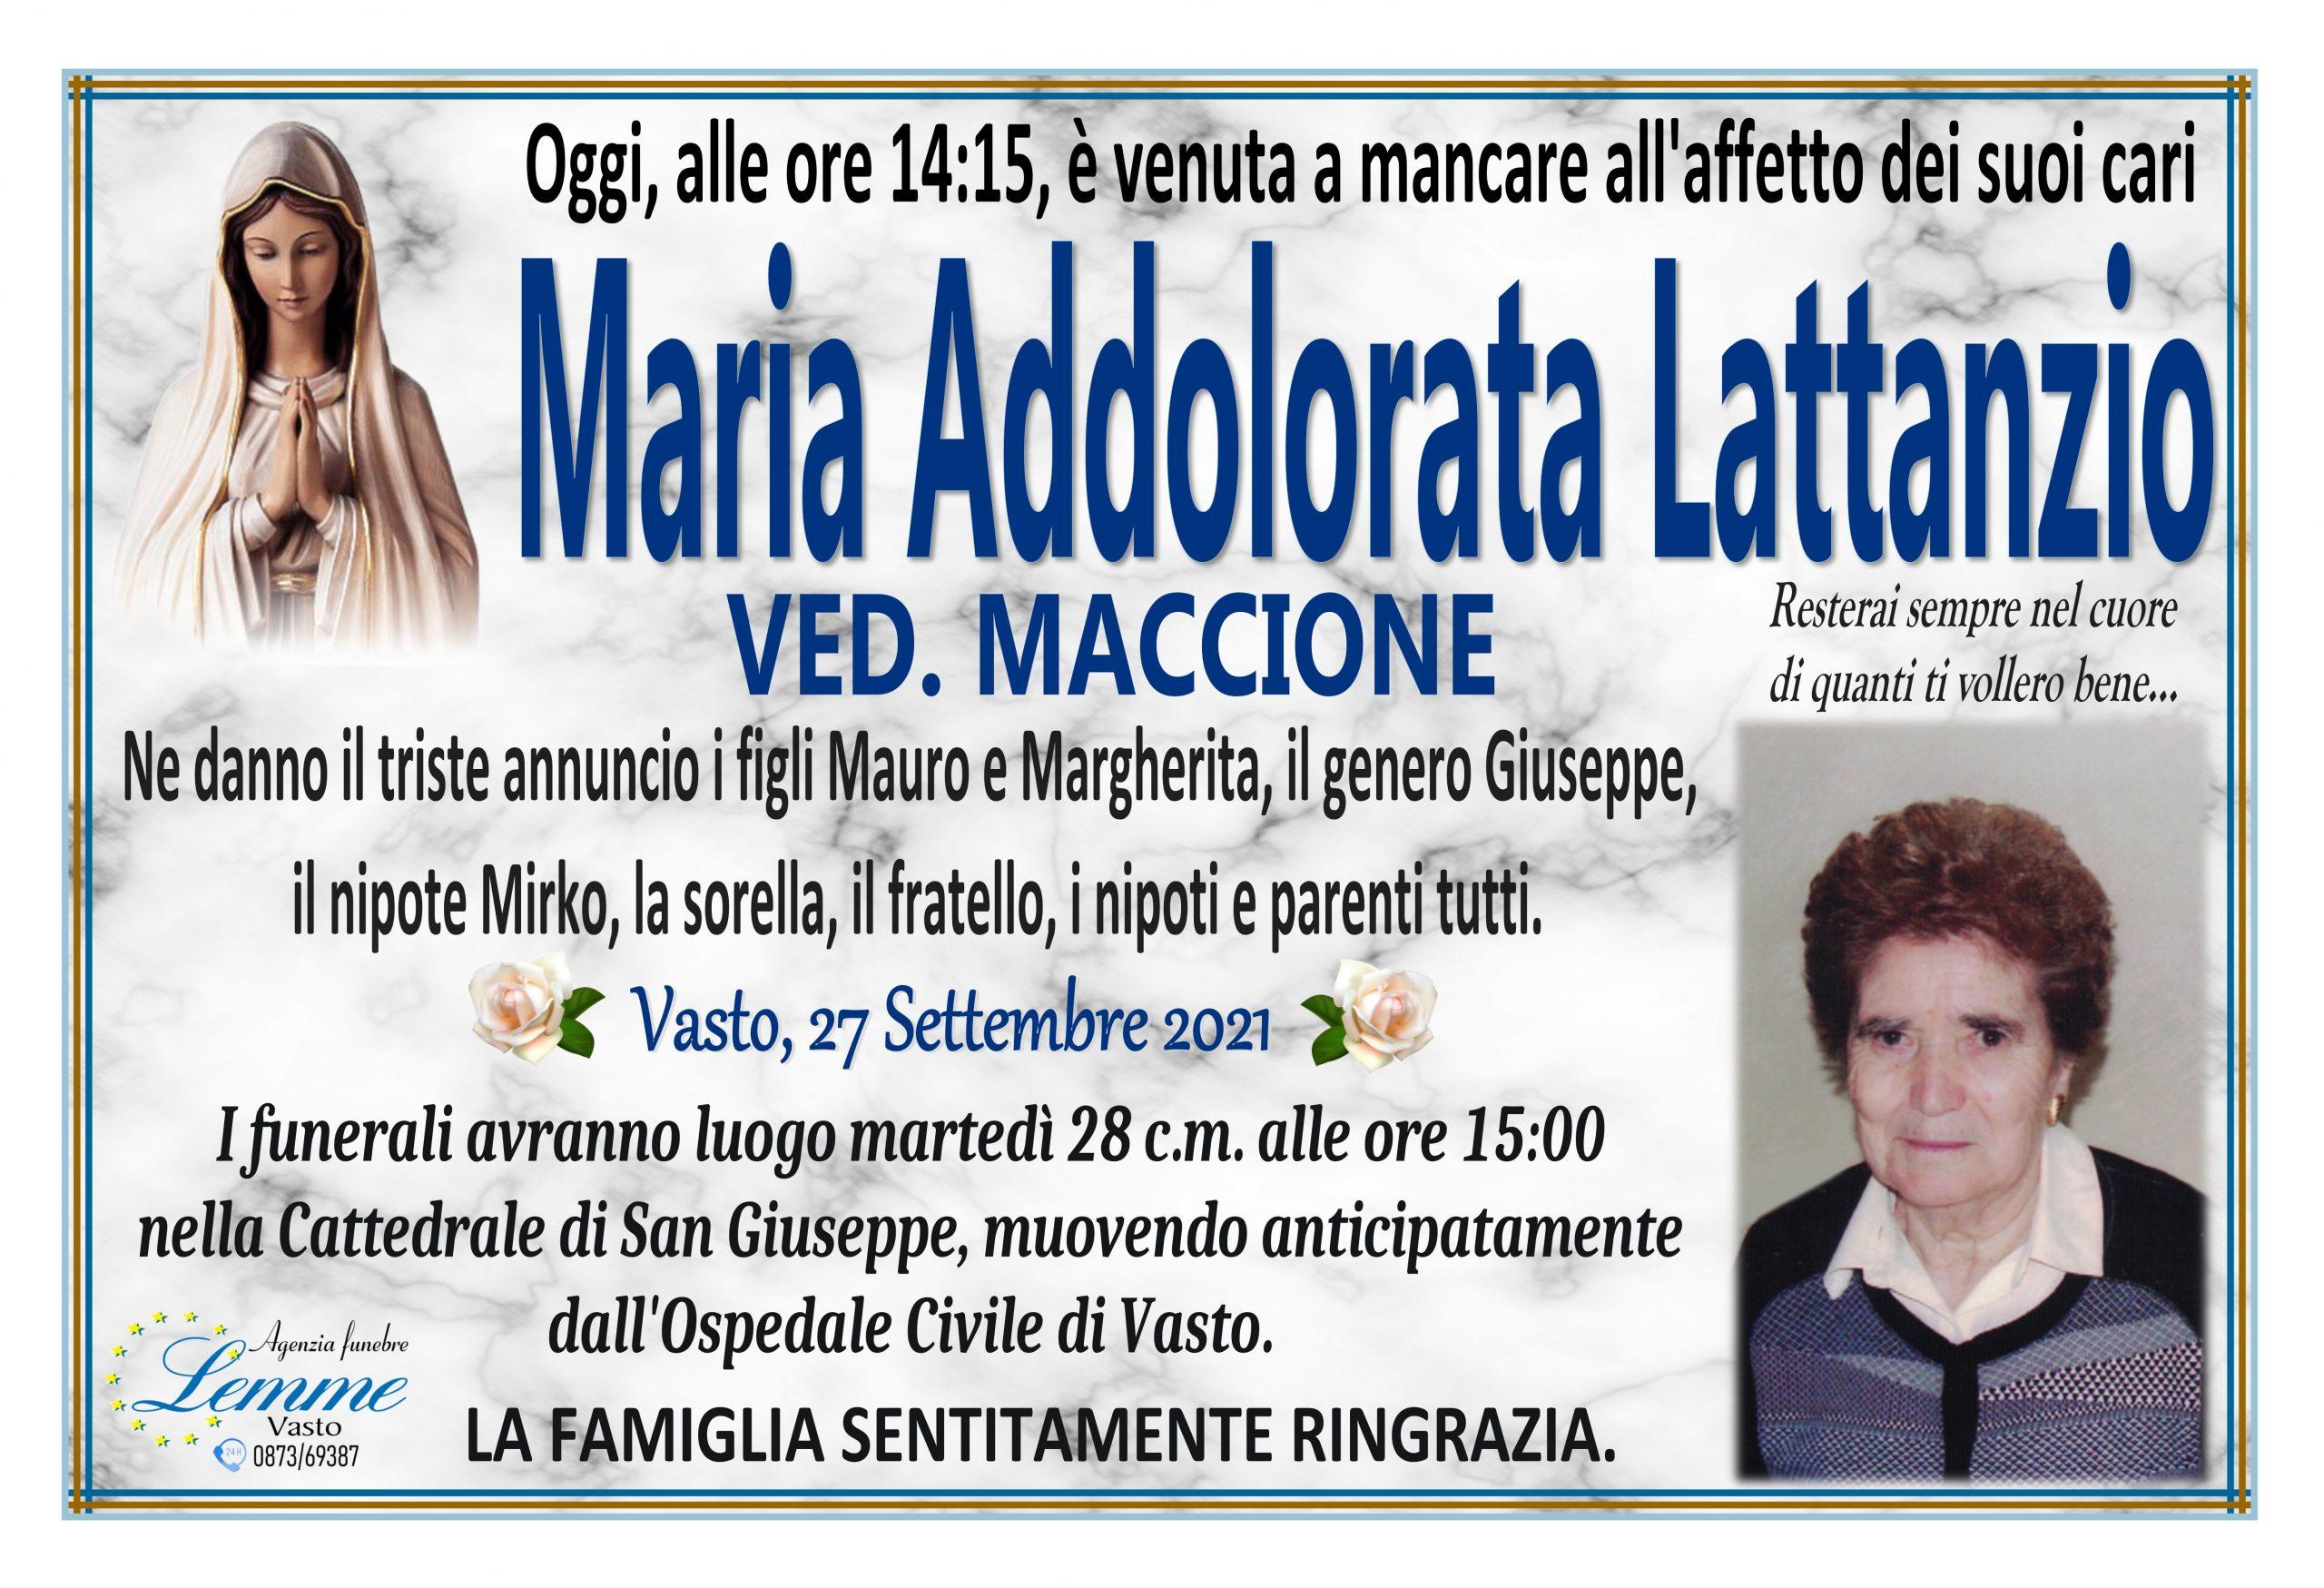 MARIA ADDOLORATA LATTANZIO